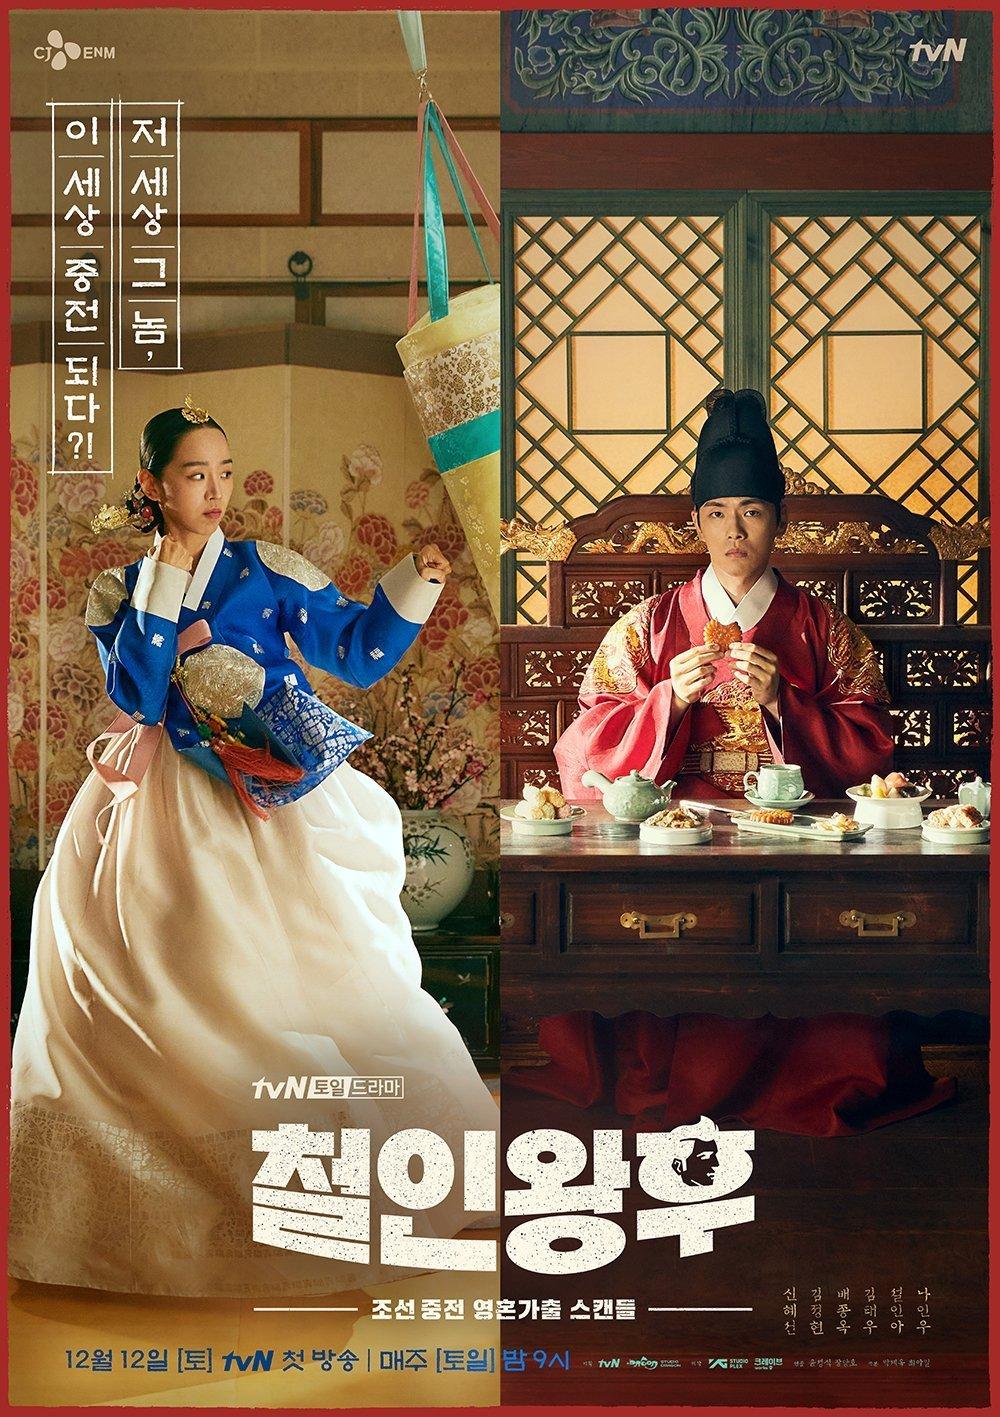 颠覆古装韩剧的传统!这部翻拍自中国古装剧的韩剧要开播了插图2